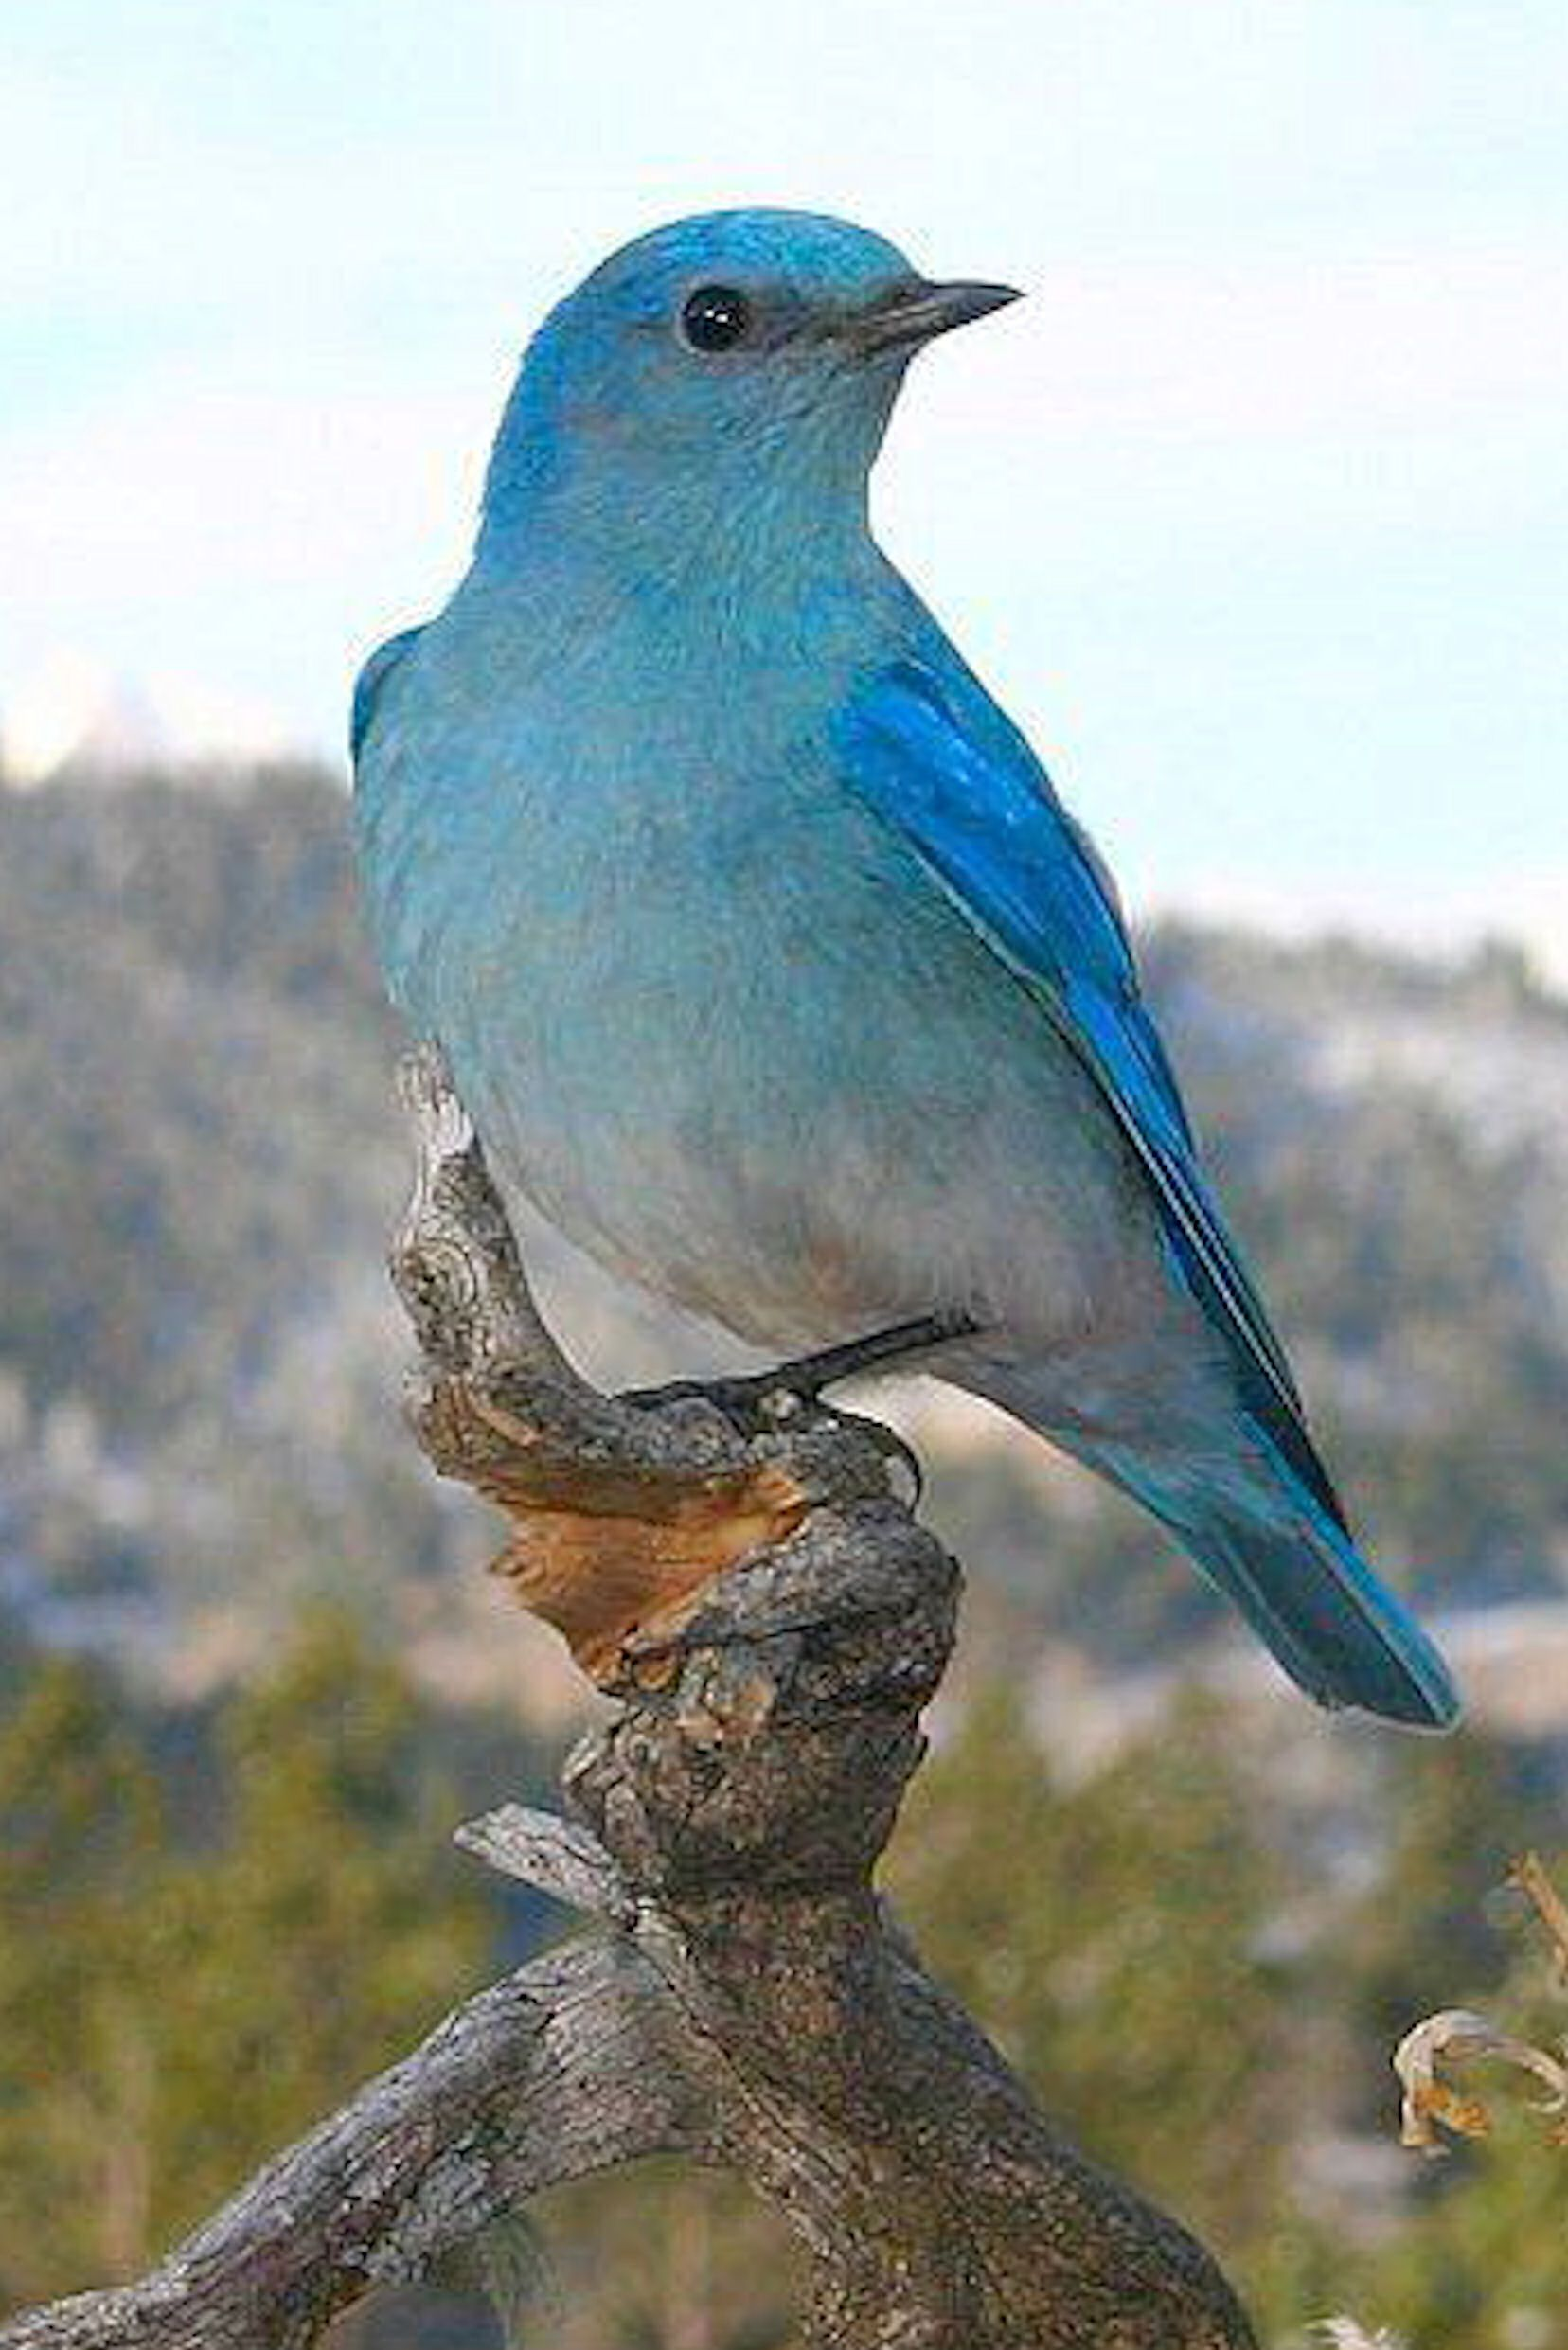 A Mountain Bluebird